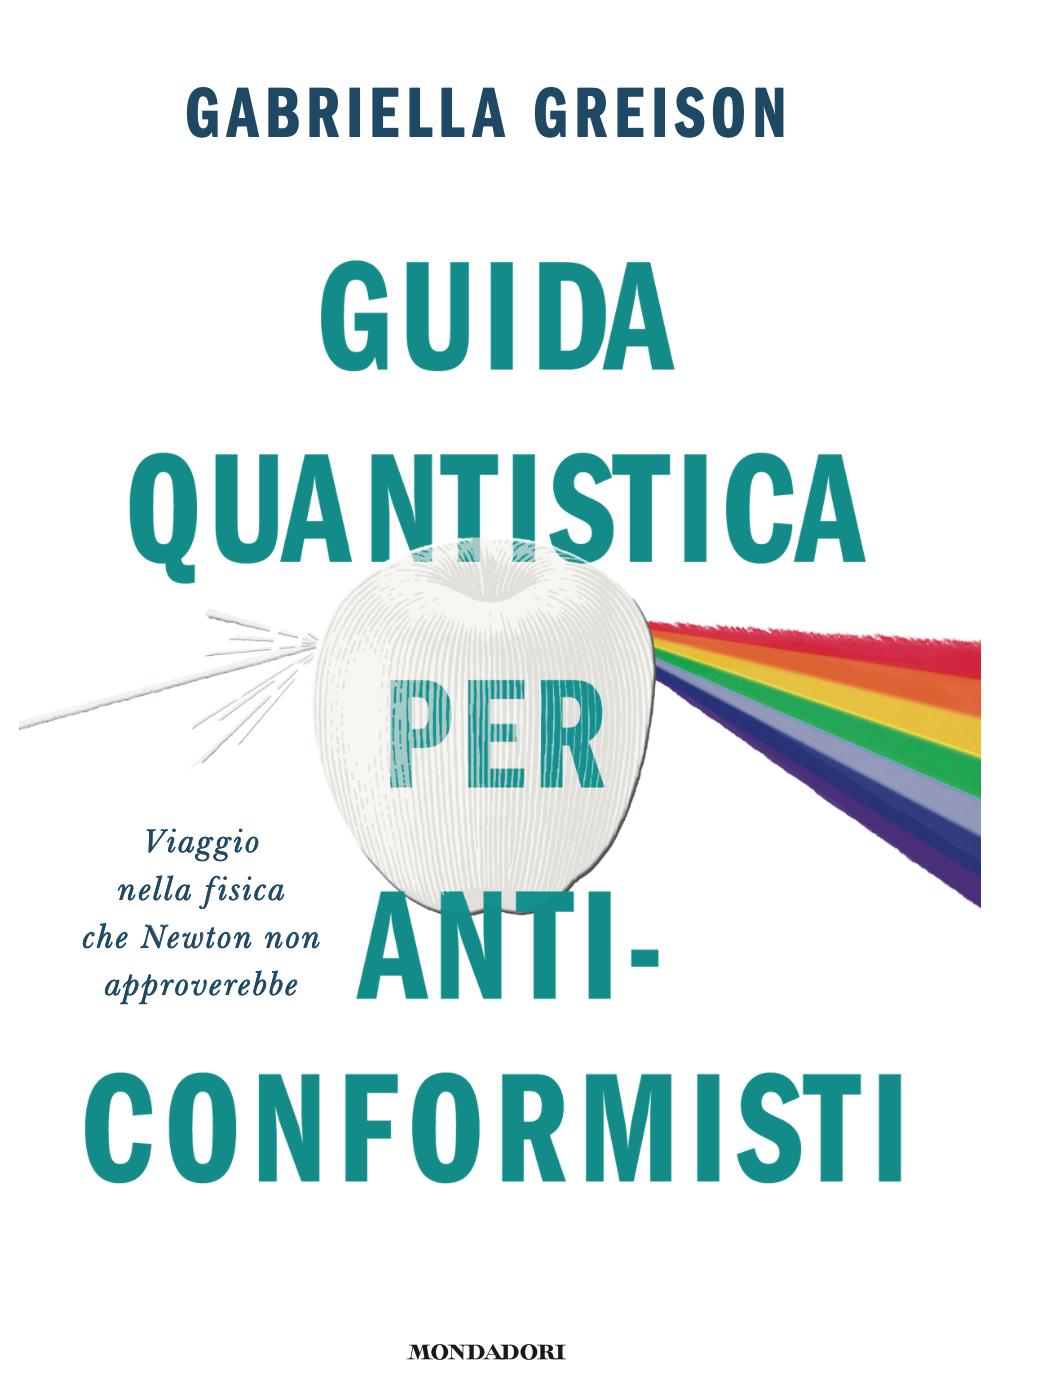 Ecco svelata la copertina del mio nuovo libro GUIDA QUANTISTICA PER ANTICONFORMISTI…oggi è il click-day, si può già ordinare!